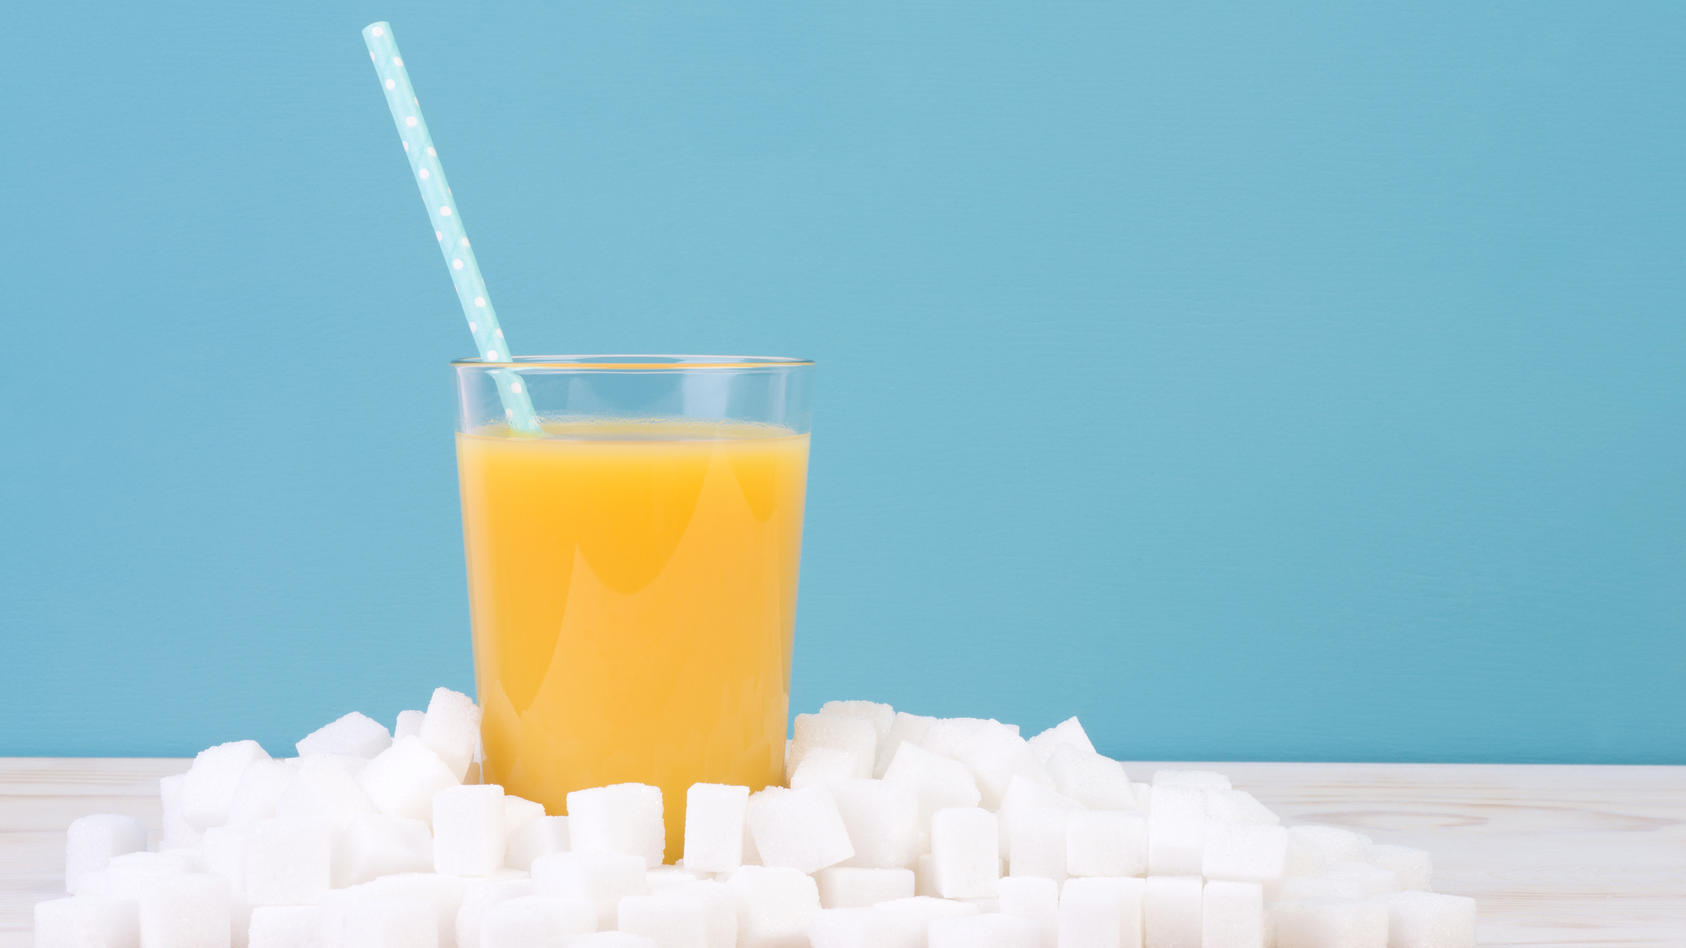 Fruchtsäfte enthalten im Schnitt 10 Gramm Zucker pro 100 Milliliter. Auch wenn es sich dabei um natürlichen Fruchtzucker handelt, ist er nicht gesund.